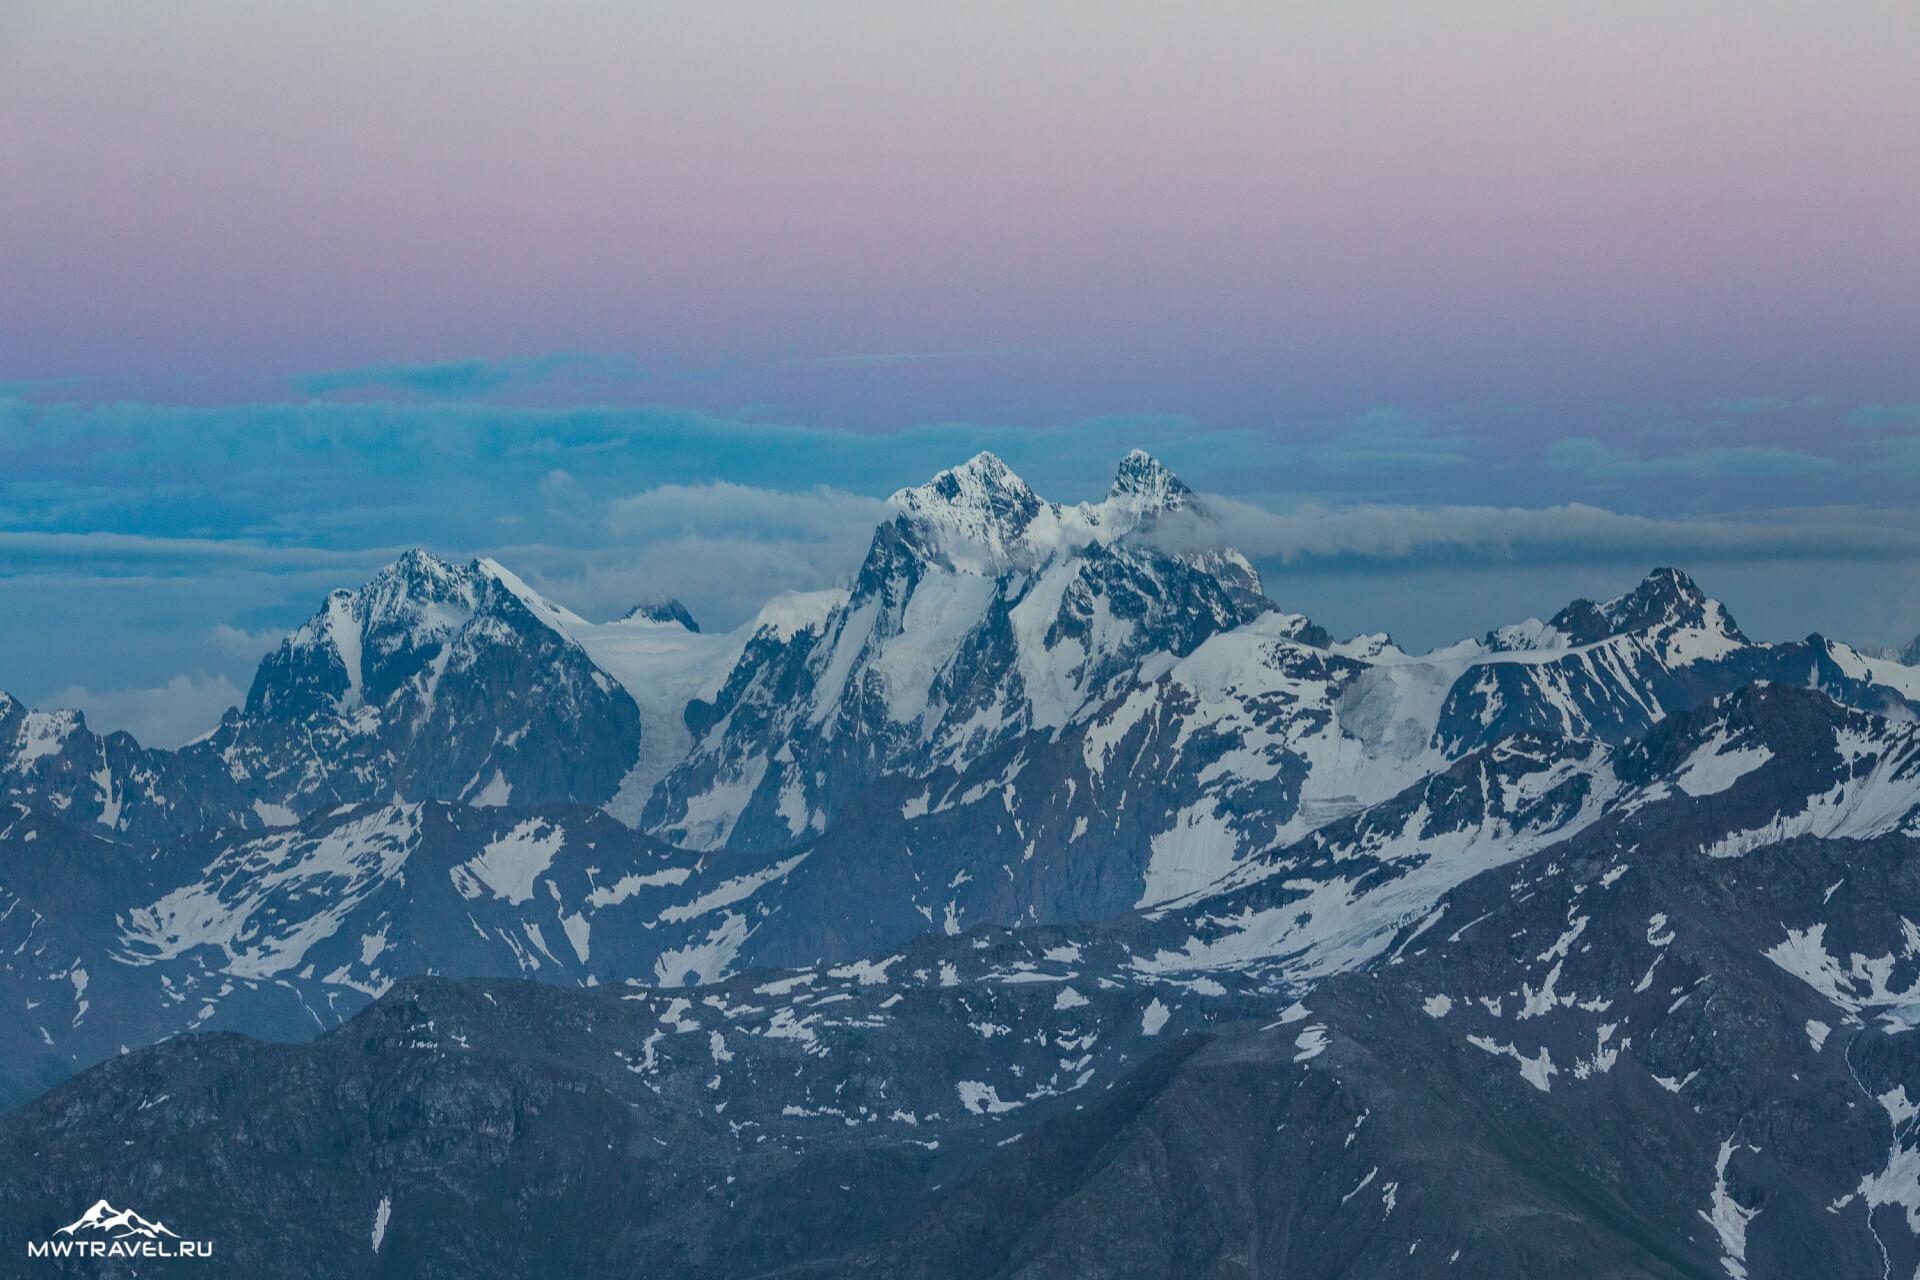 5 гора ушба вид с эльбруса